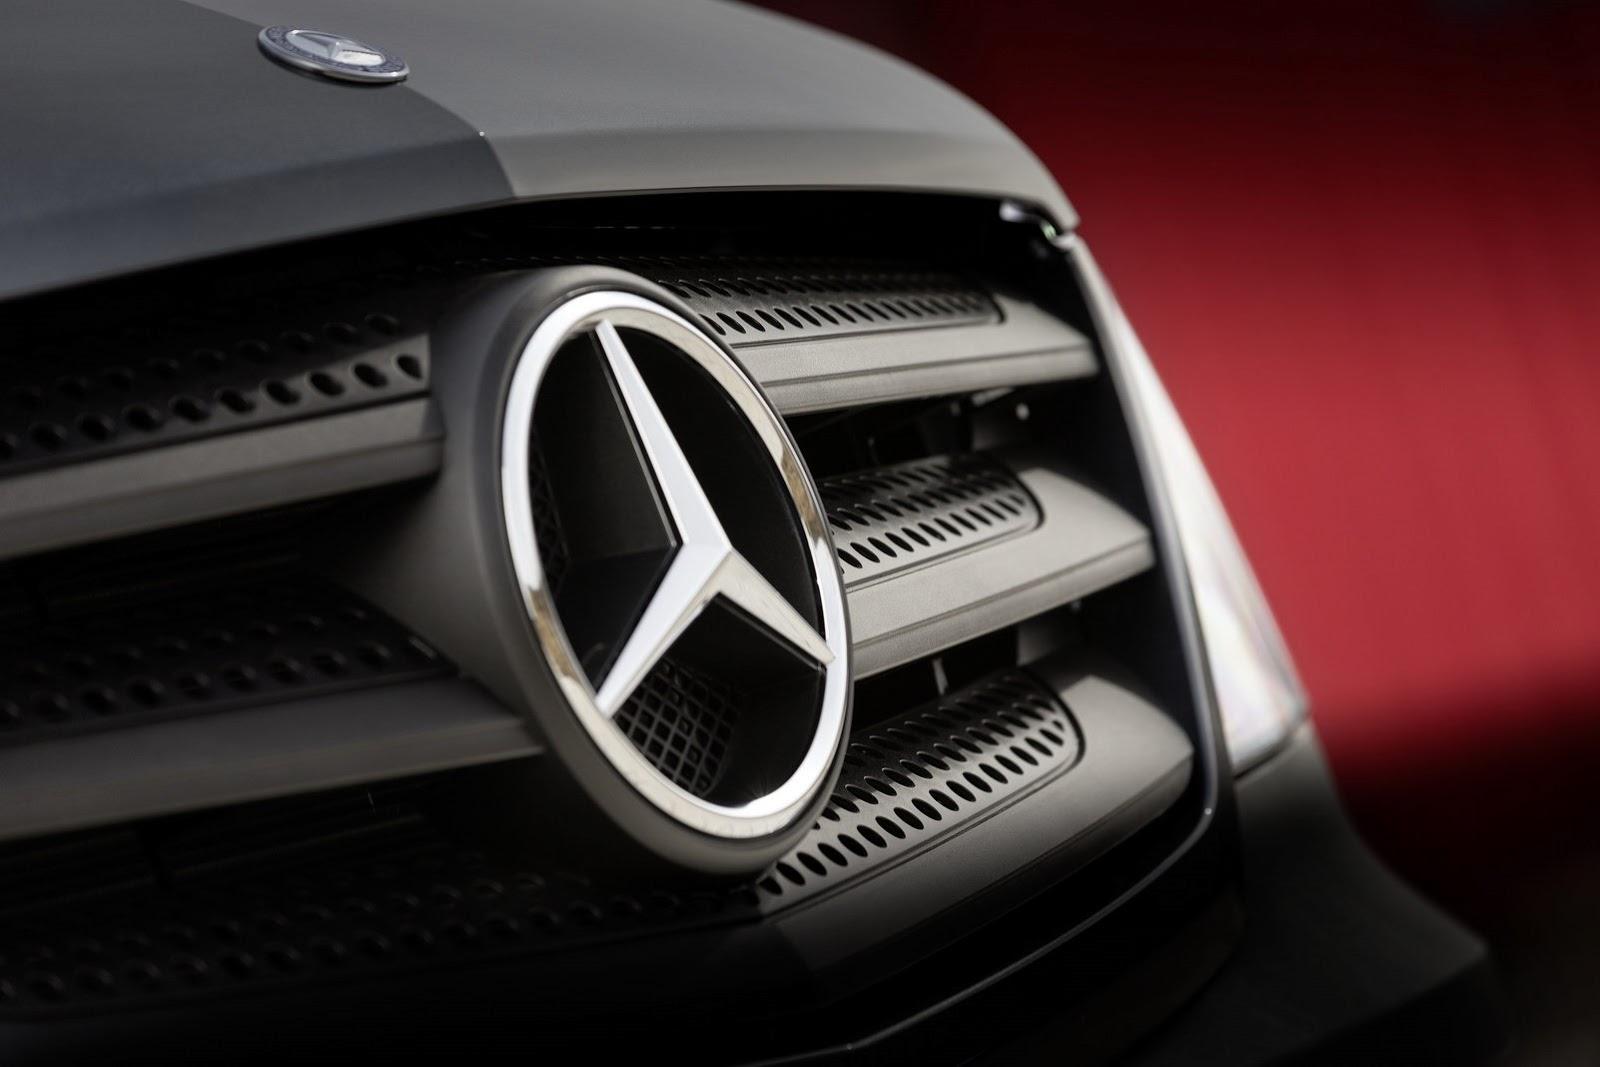 7. Mercedes-Benz        賓士的三角星代表著賓士原母公司之一的戴姆勒Daimler AG,是一家總部位於德國斯圖加特的汽車公司。